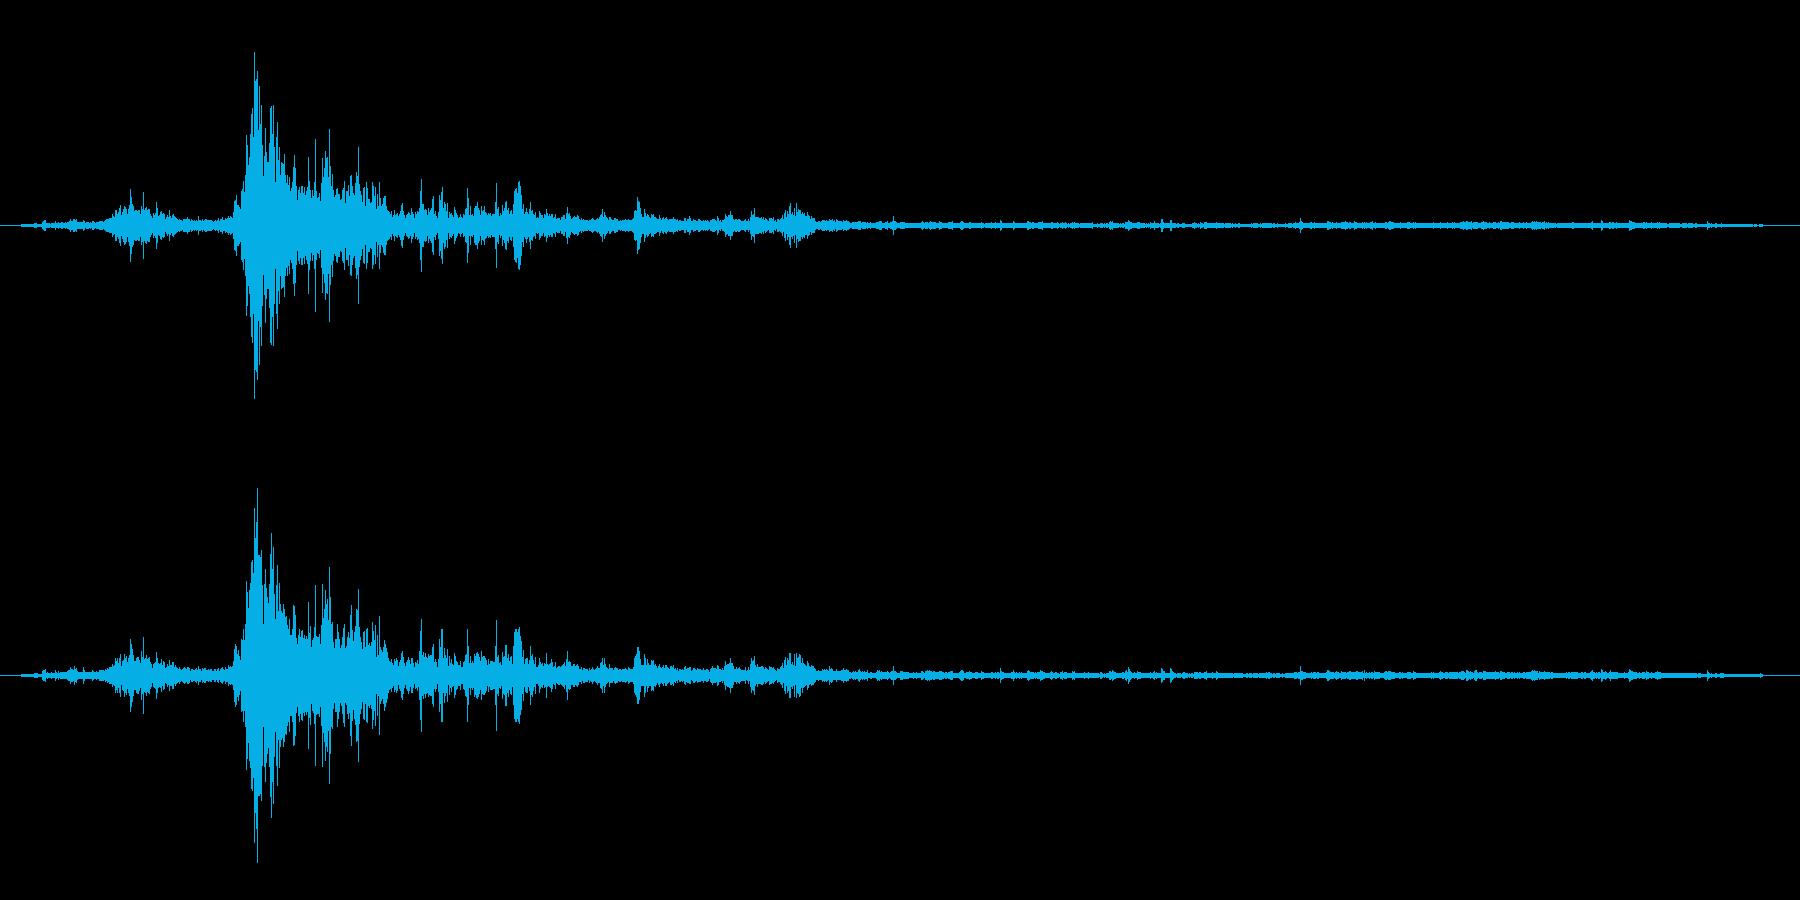 【雷 生録 環境02-1】の再生済みの波形